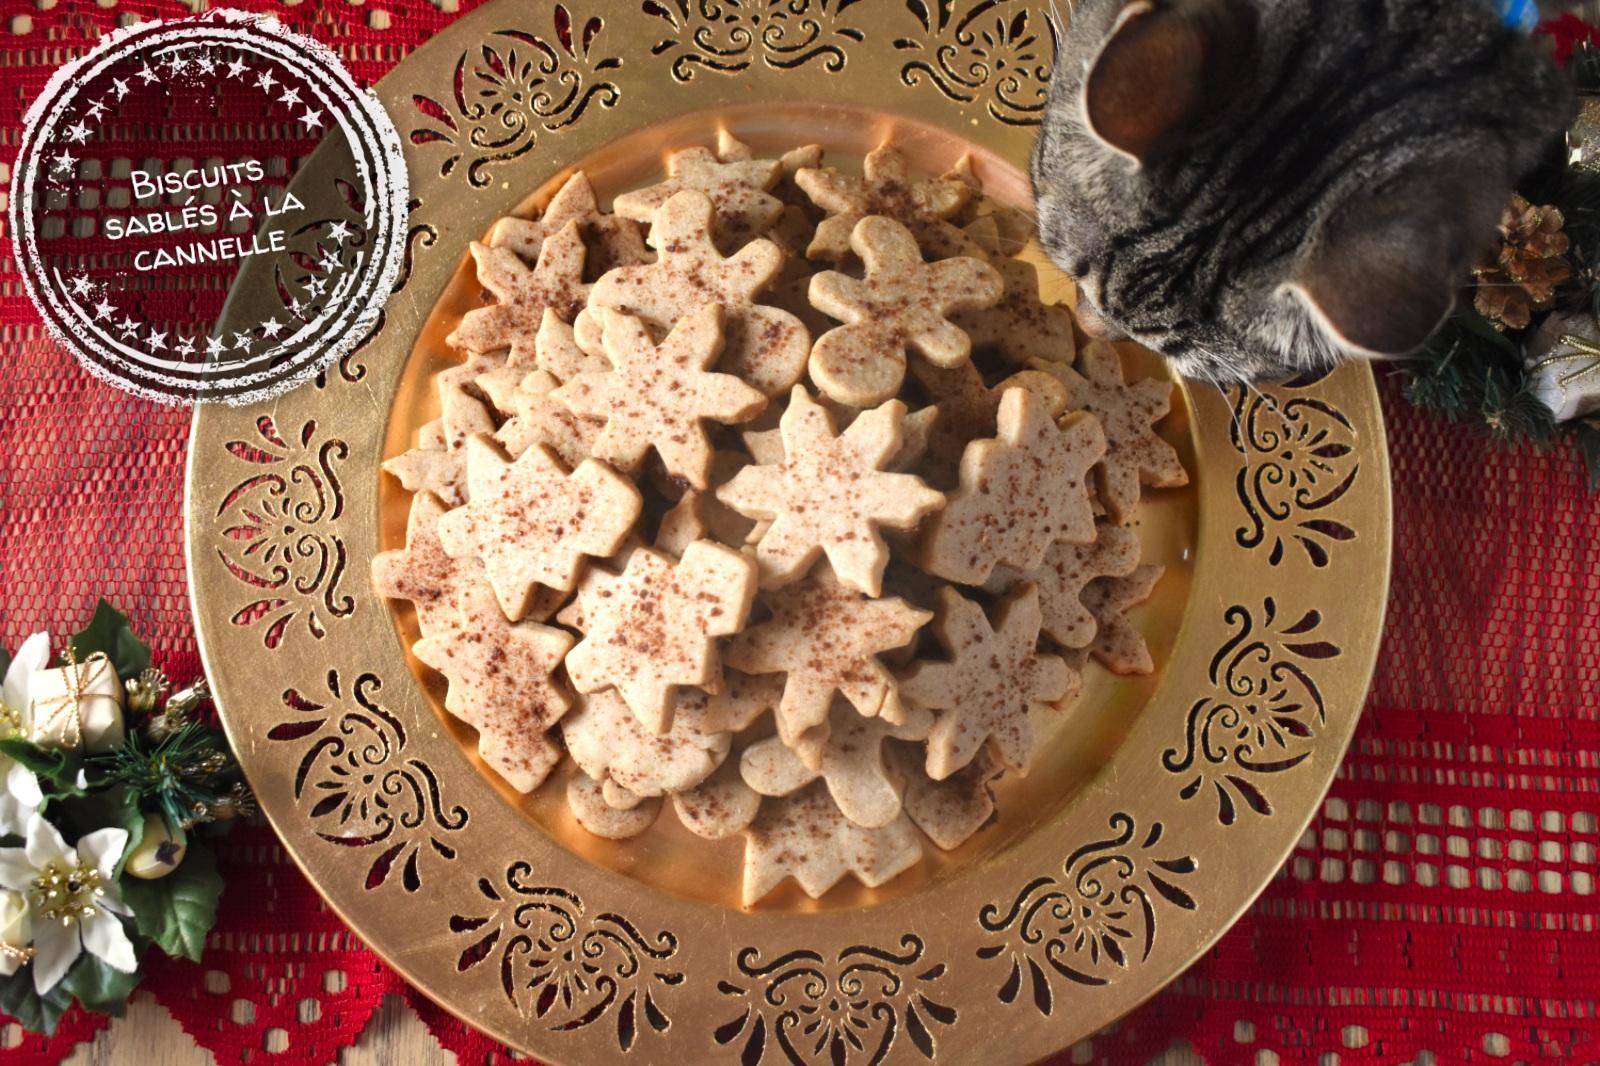 Biscuits sablés à la cannelle - Auboutdelalangue.com (10)